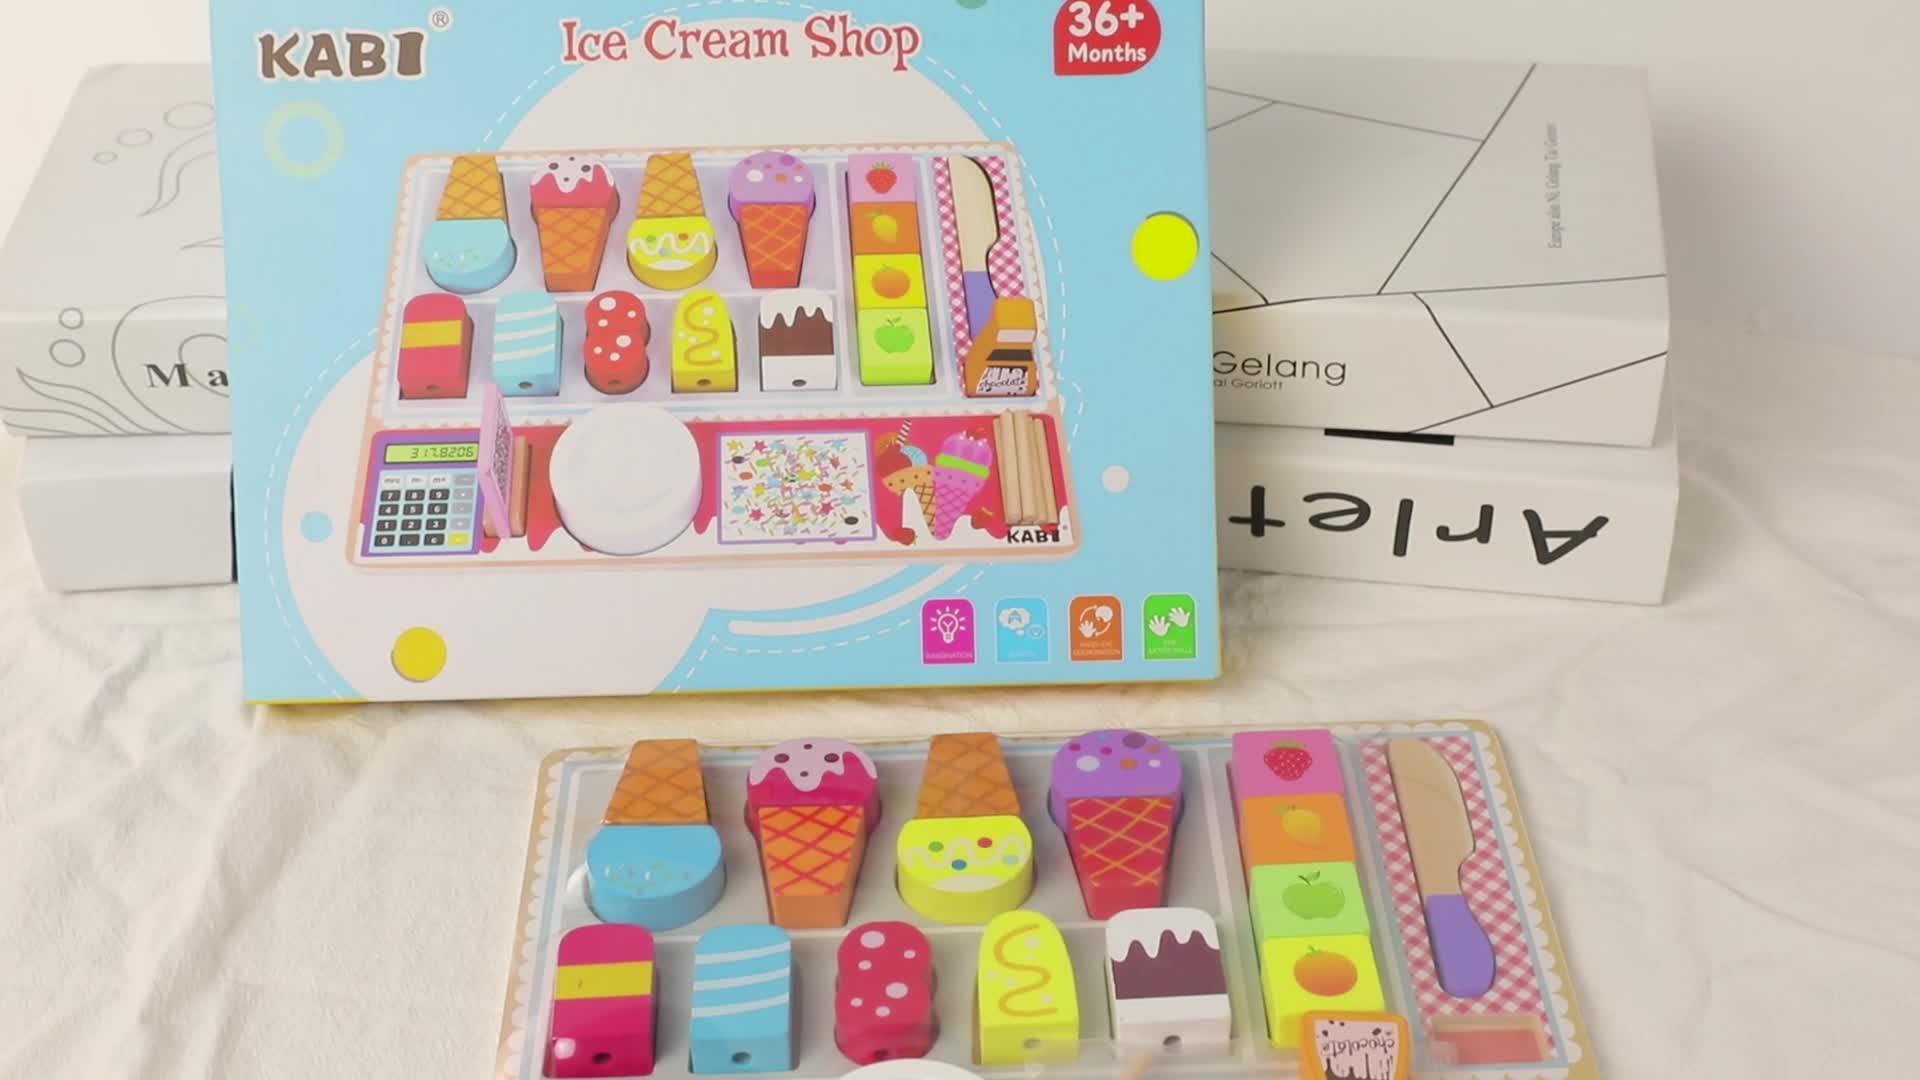 ไม้เล่น Icecream ของเล่น,Ice Cream Shop เชื่อมต่อแม่เหล็กบล็อกตัดของเล่น